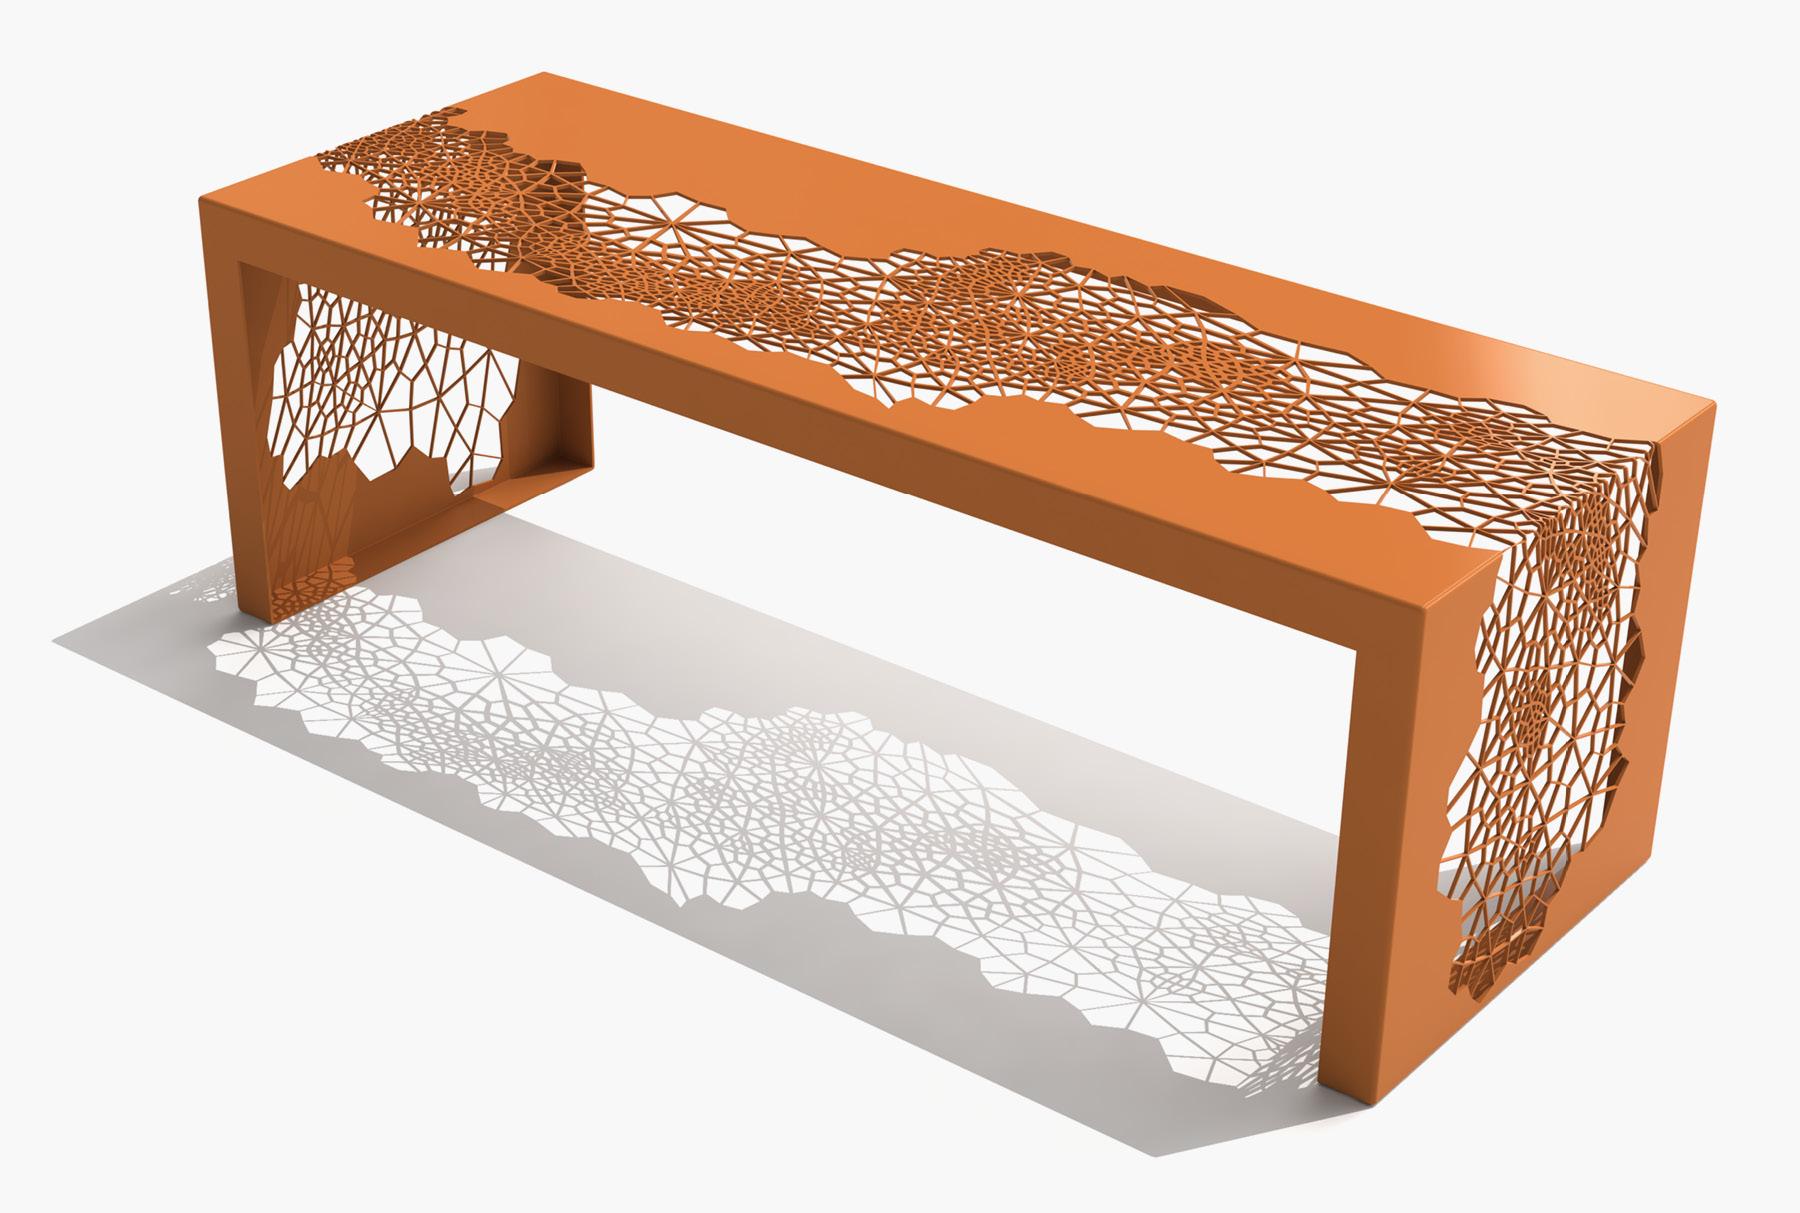 Arktura Hive Bench 50 in Salmon Sky